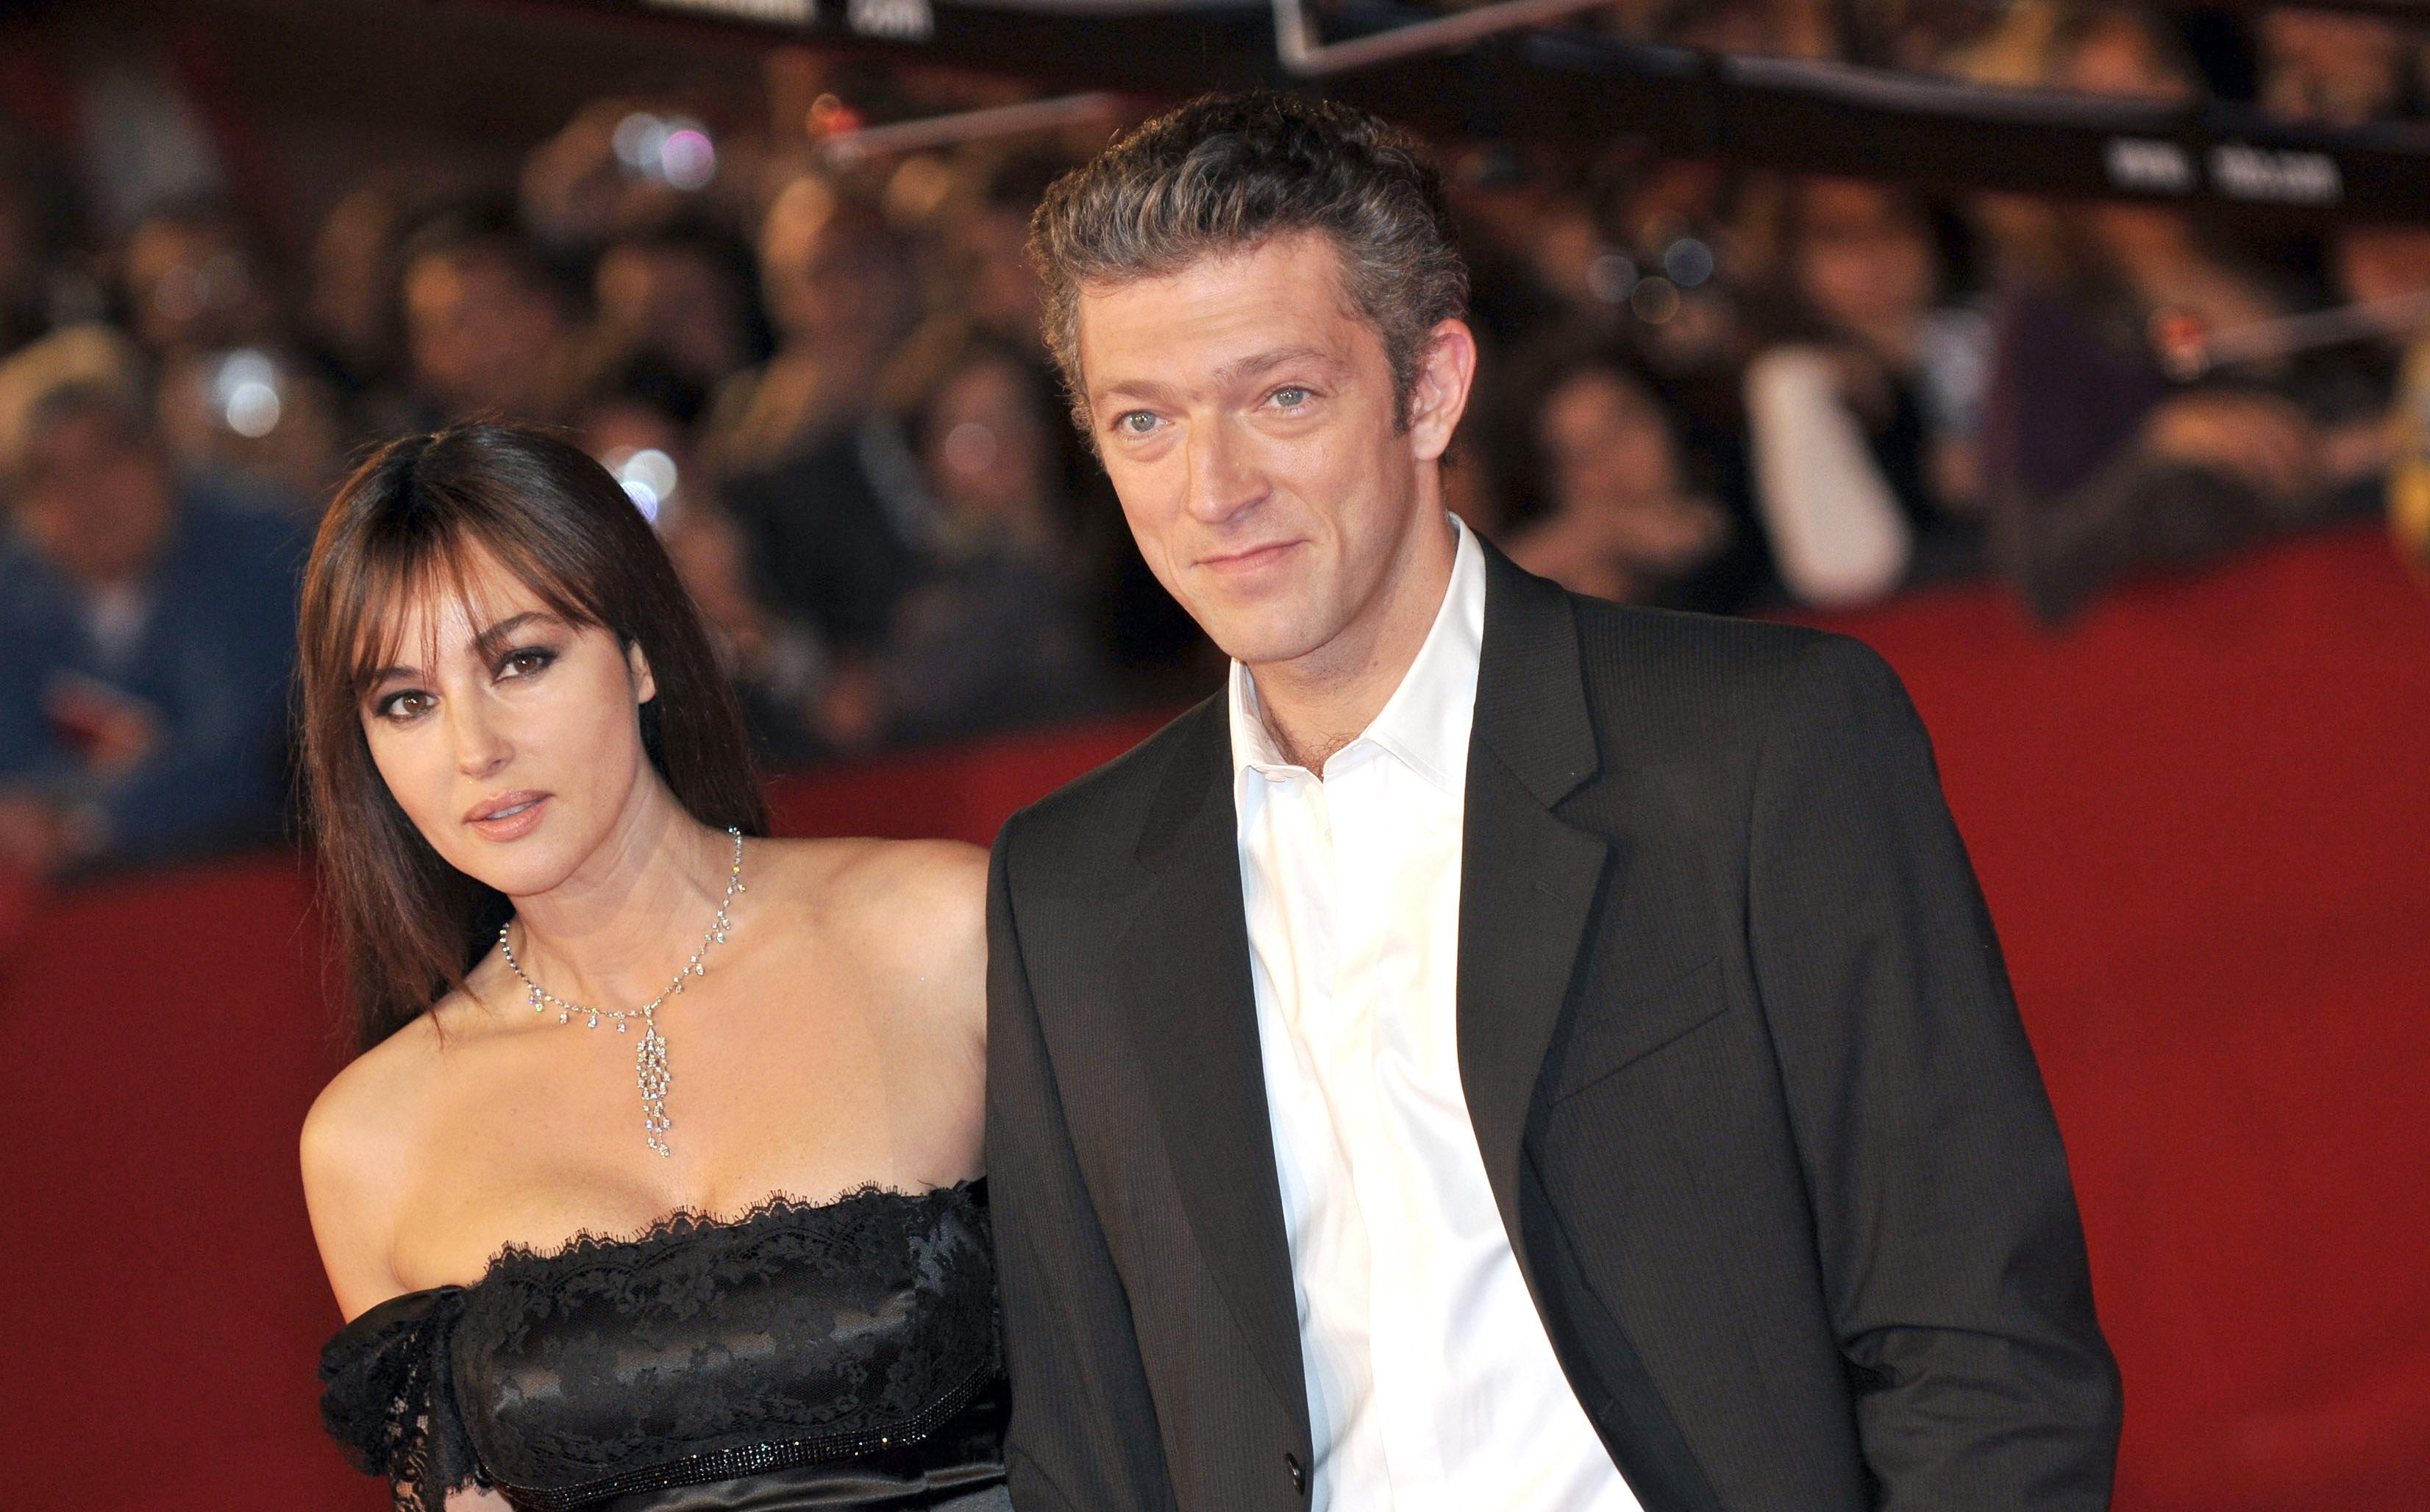 Моника Беллуччи и Венсан Кассель встретились на красной дорожке Венецианского кинофестиваля